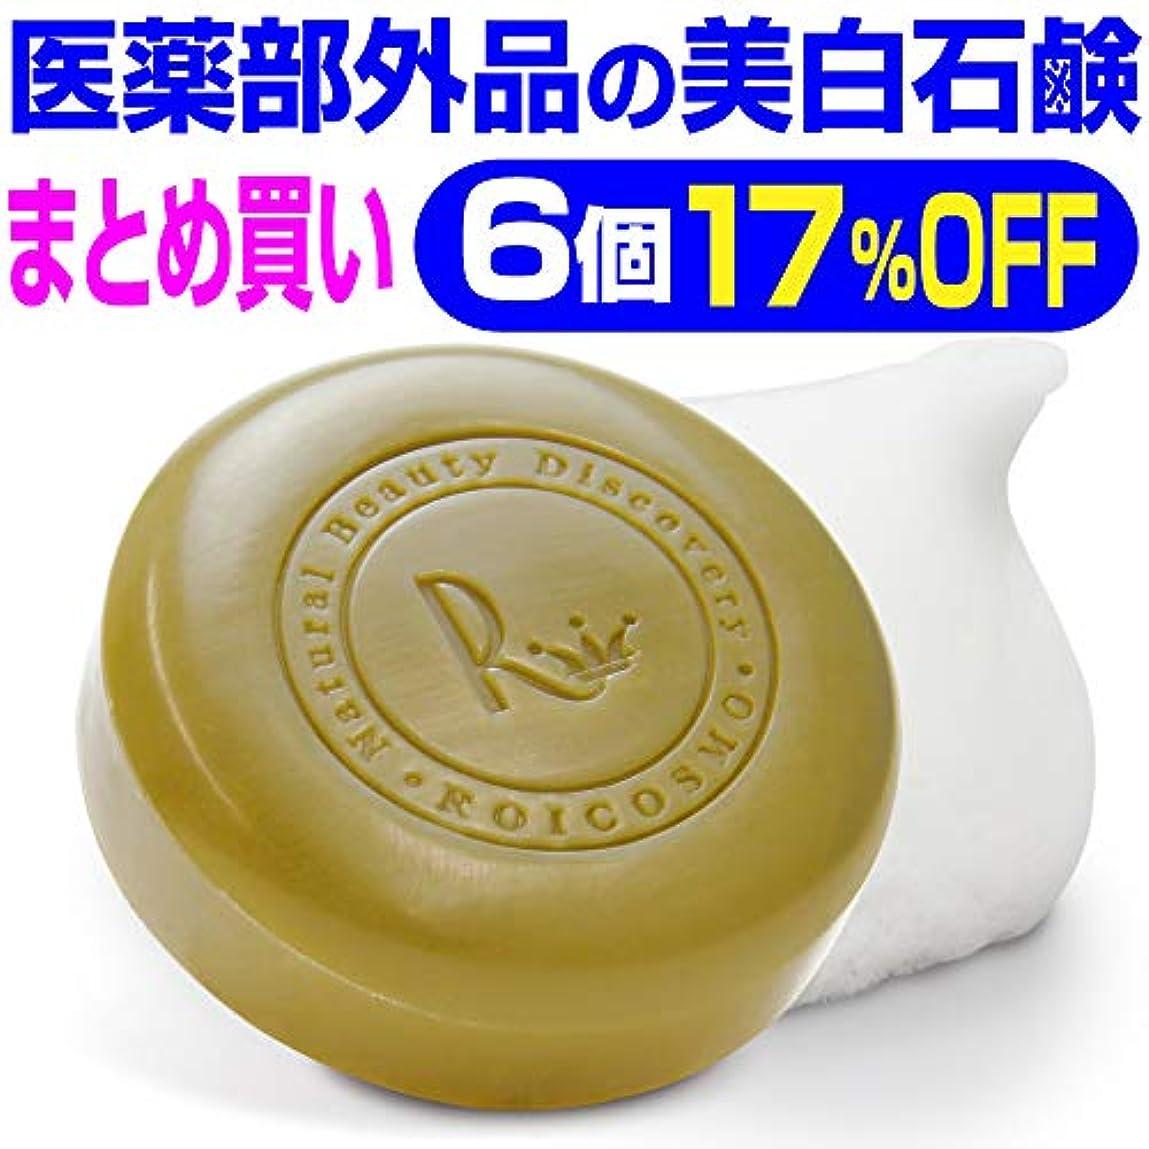 ペナルティ提唱する以降6個まとめ買い17%OFF 美白石鹸/ビタミンC270倍の美白成分配合の 洗顔石鹸『ホワイトソープ100g×6個』